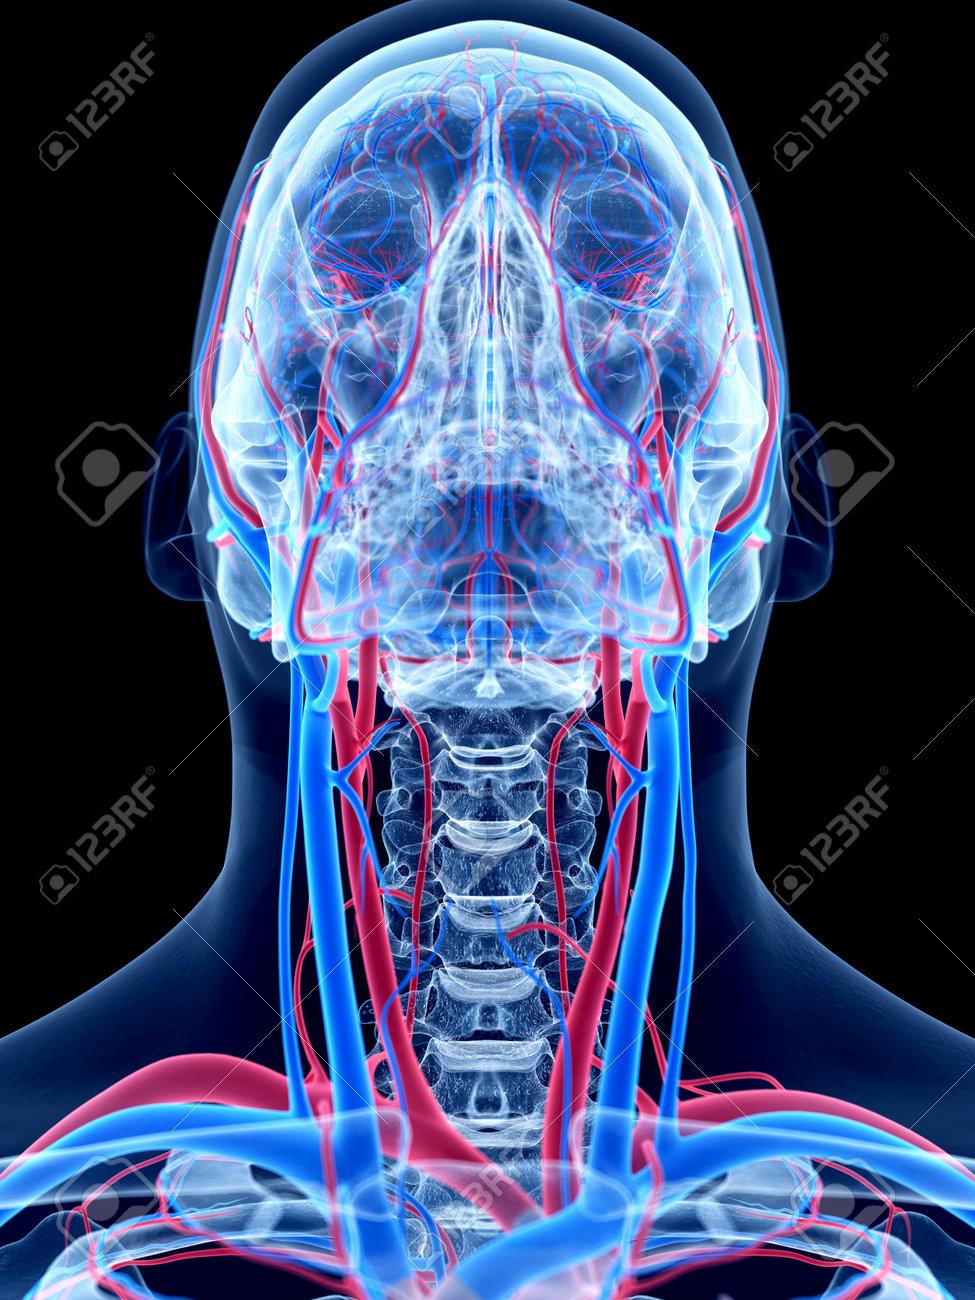 Das Menschliche Gefäßsystem - Die Hals Lizenzfreie Fotos, Bilder Und ...